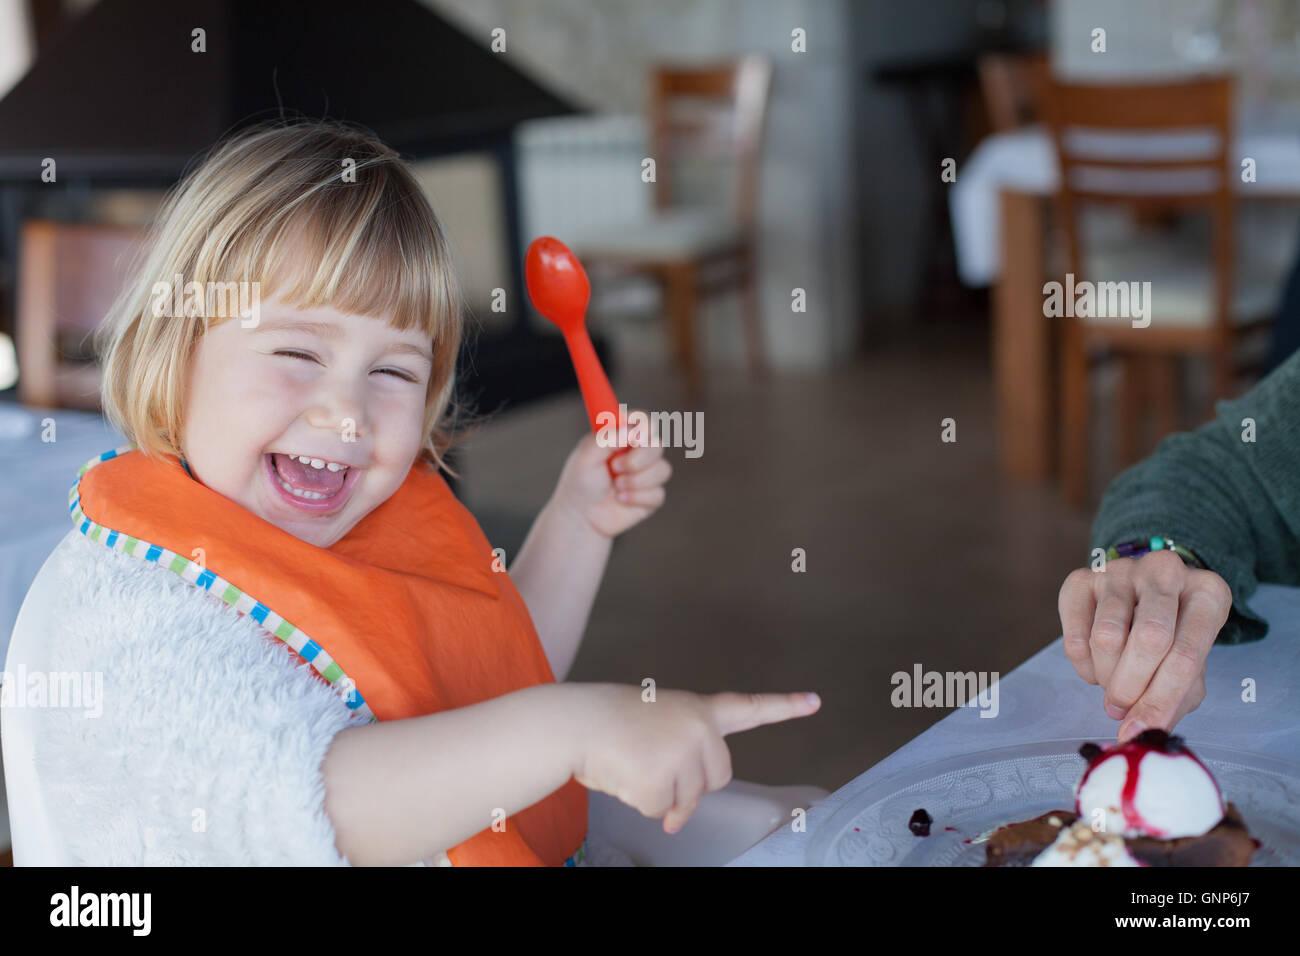 lustige und fröhliche Kind zwei Jahre alt mit orange Plastiklöffel und Lätzchen lachte und zeigte Stockbild